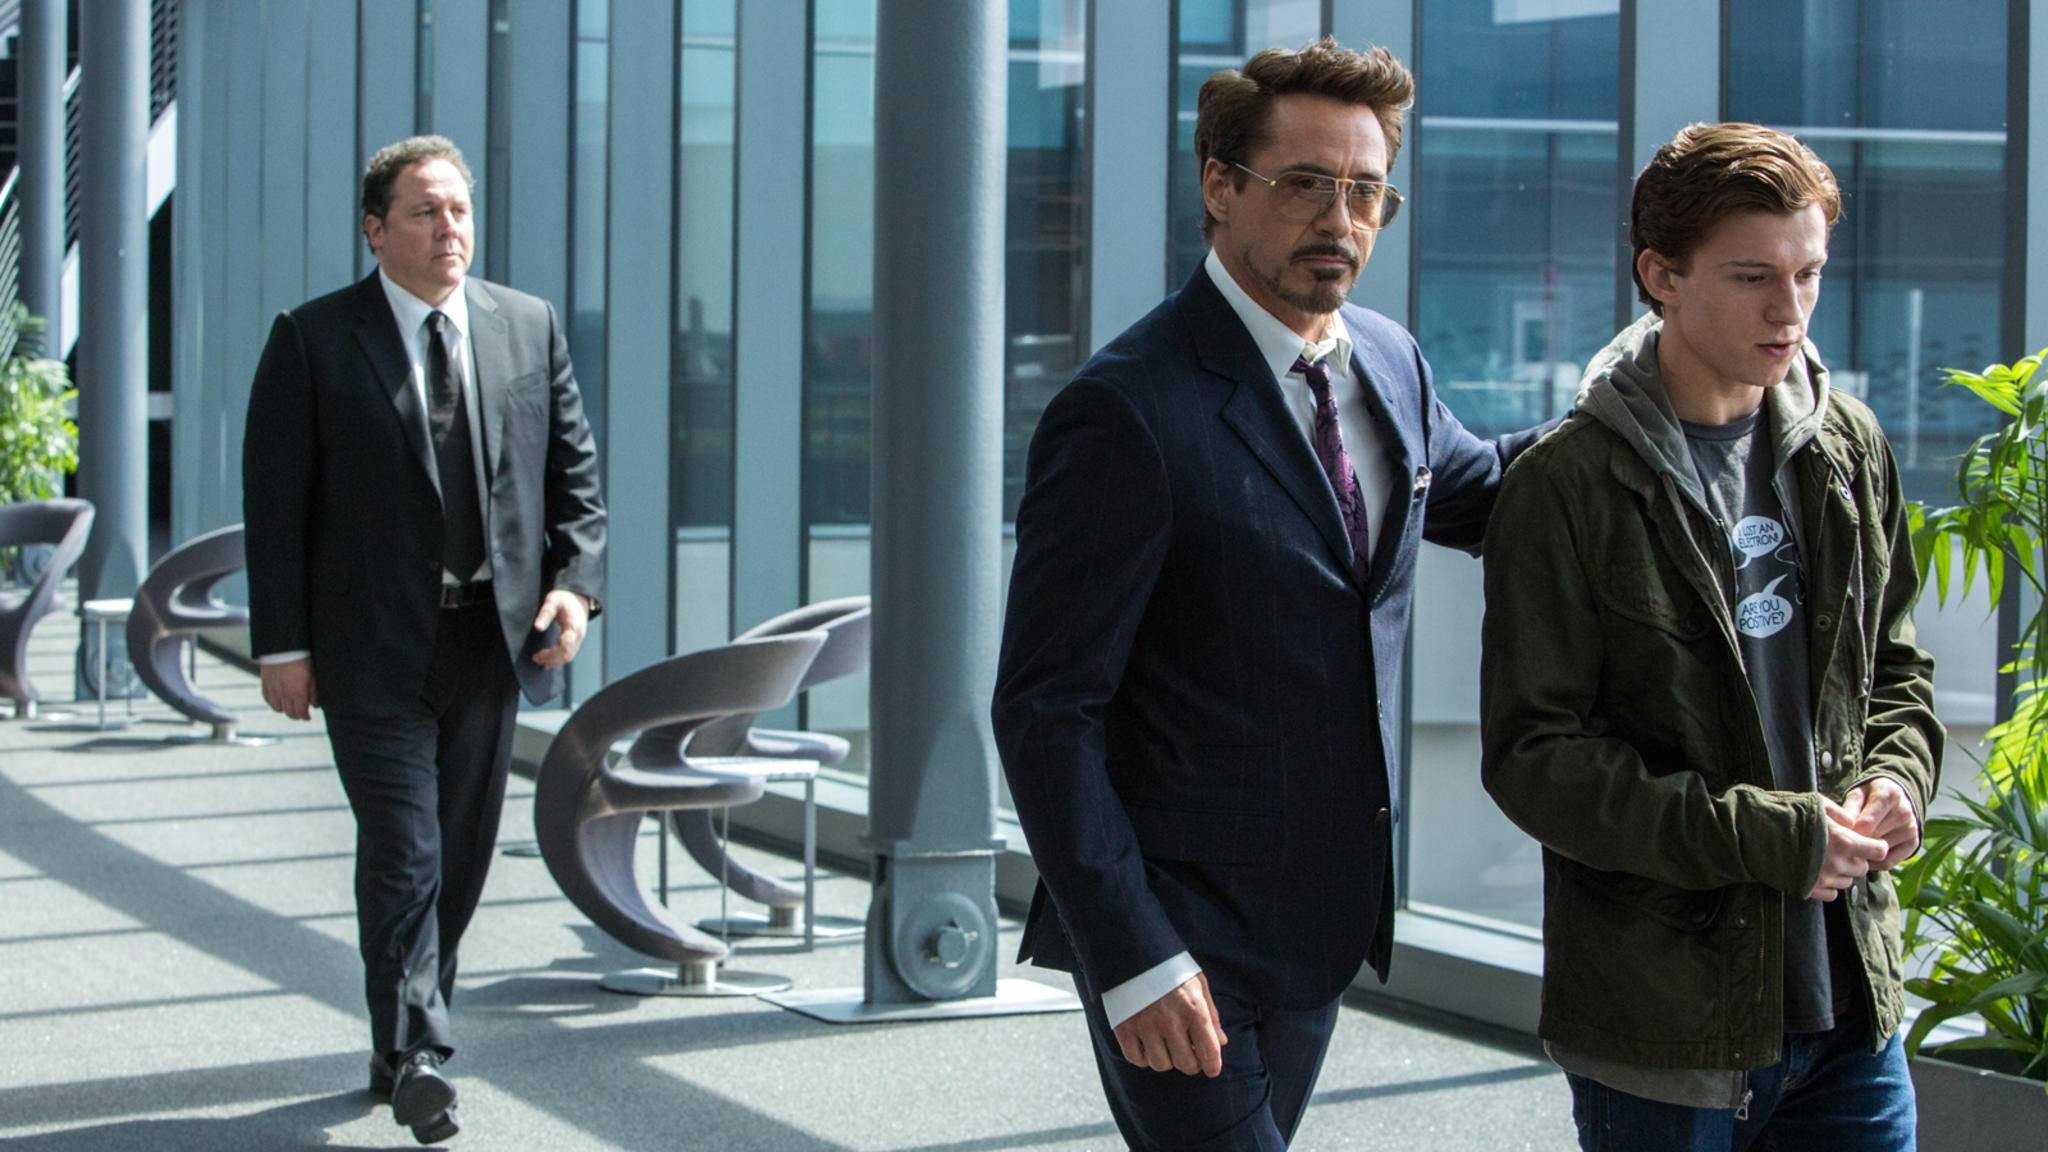 """Im Sequel zu """"Spider-Man: Homecoming"""" wird es kein Wiedersehen mit Tony Stark aka Iron Man geben."""